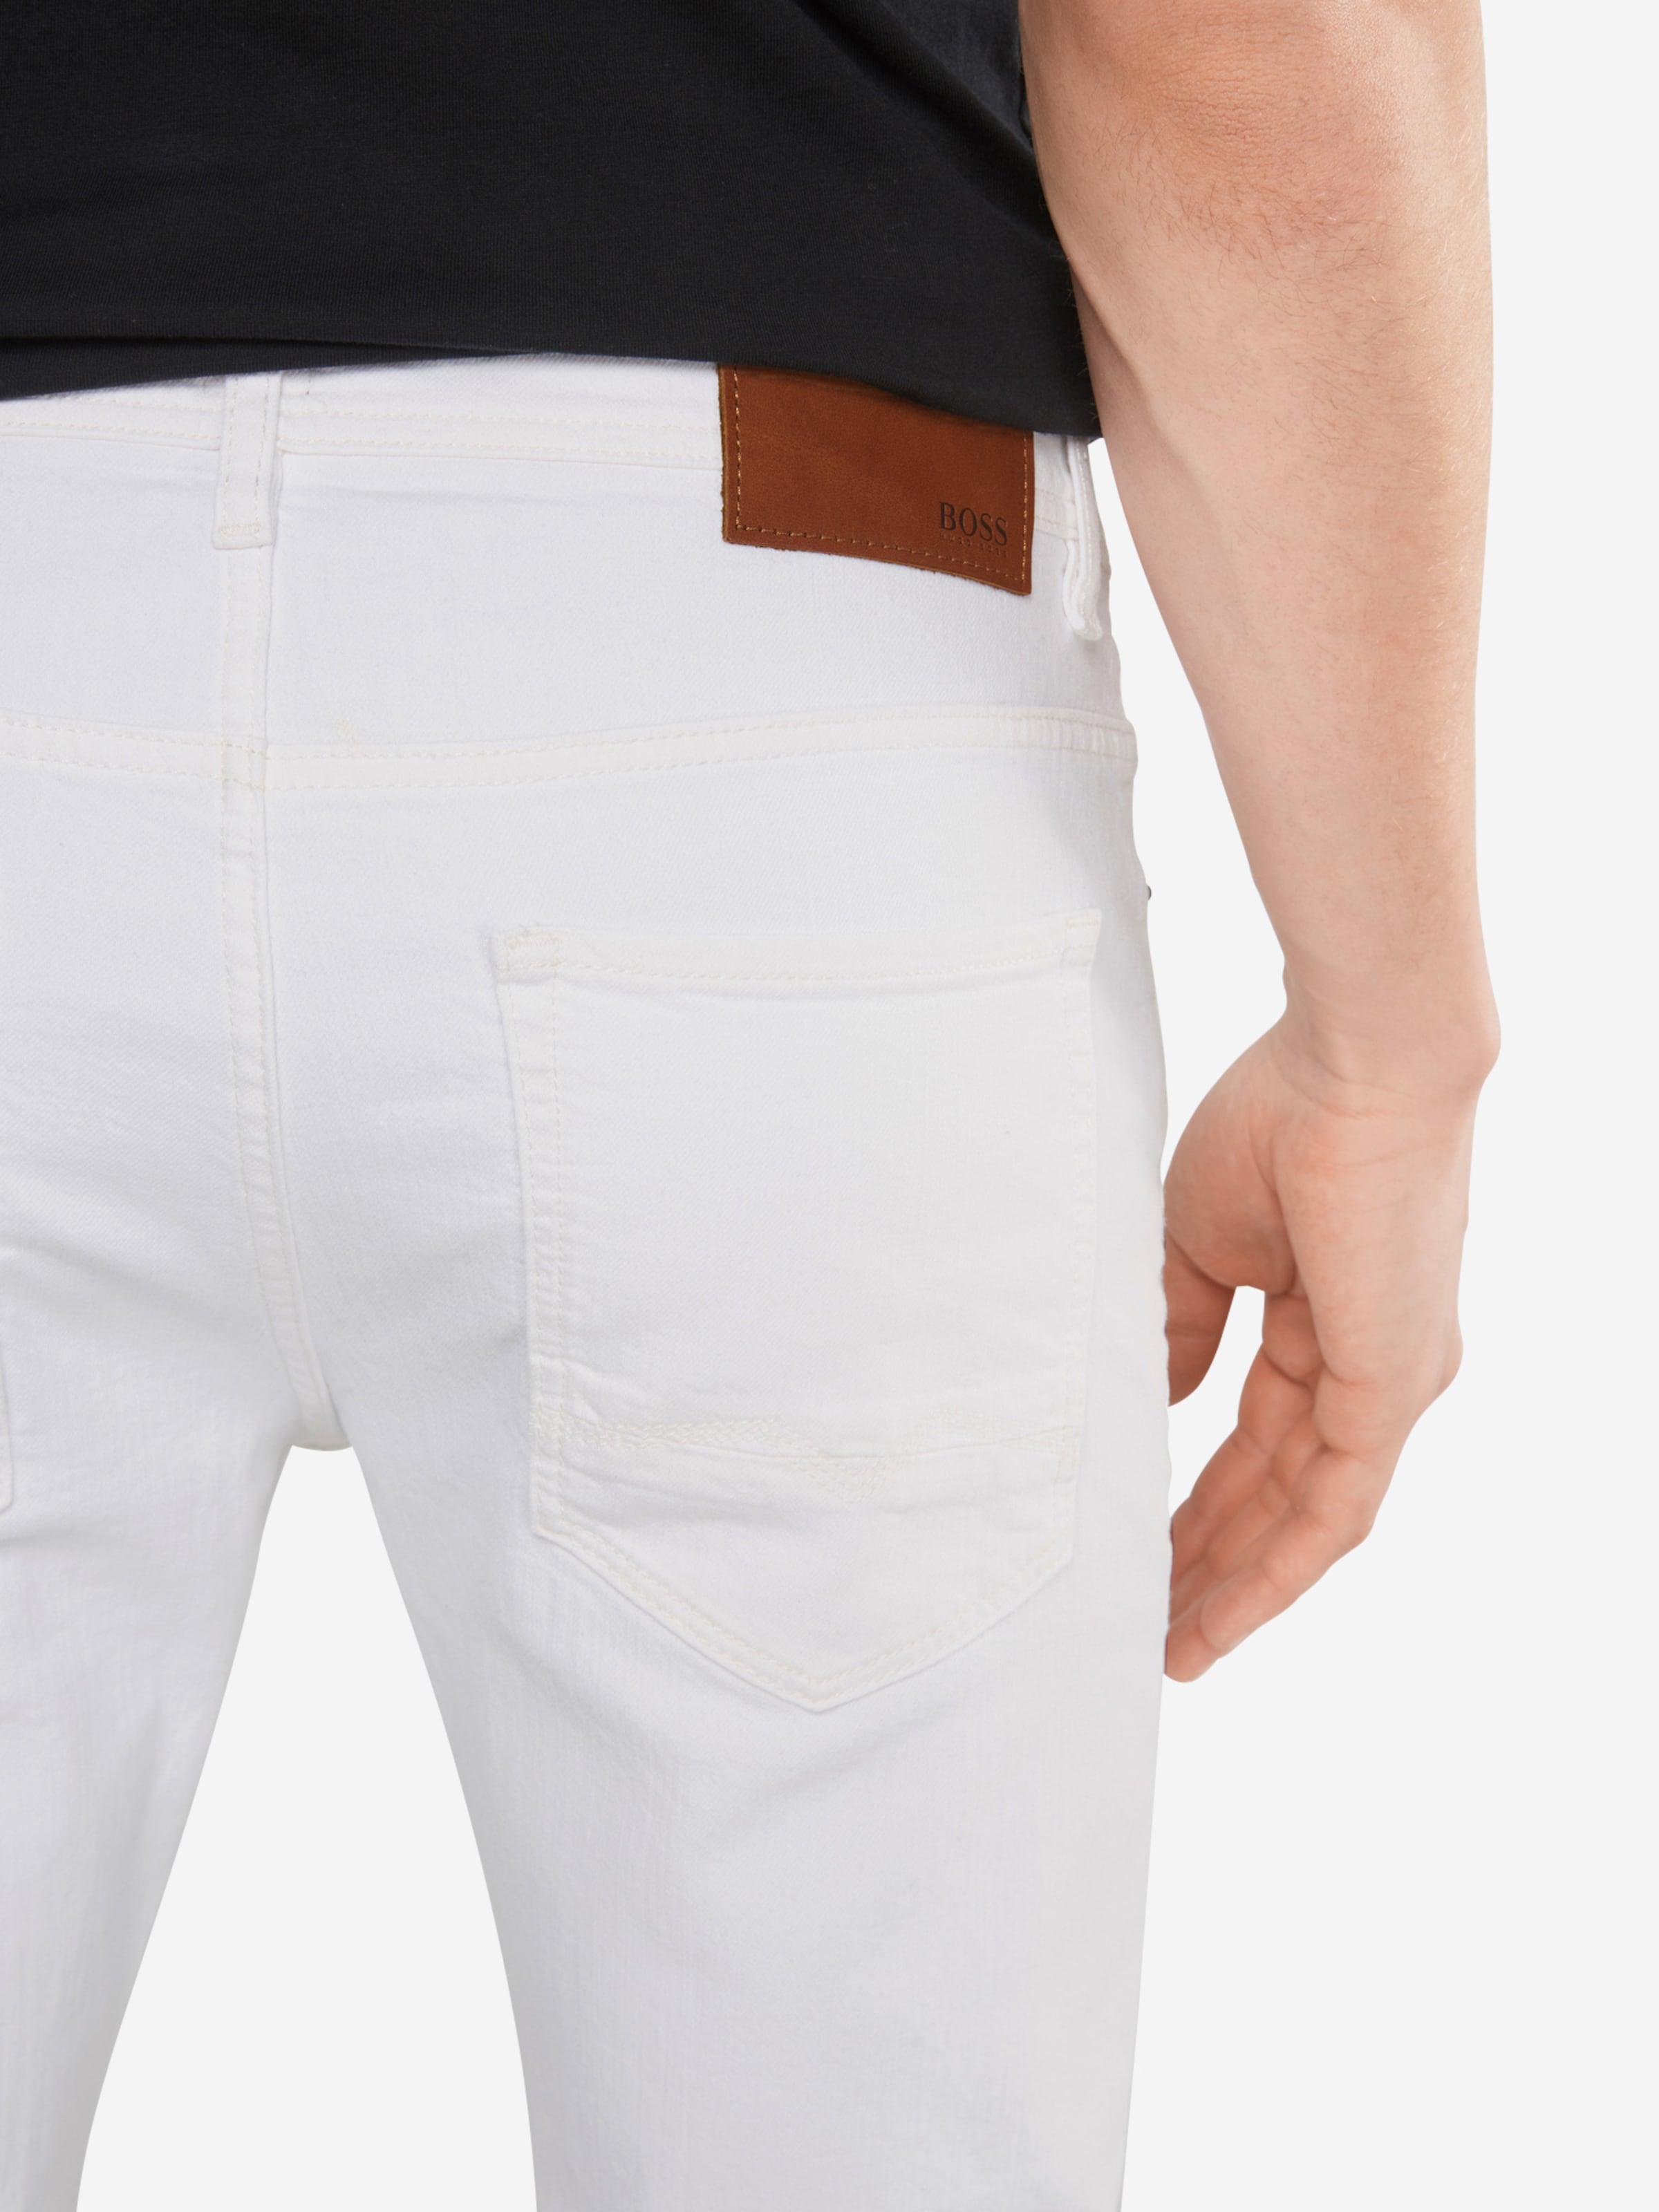 BOSS Tapered Fit Jeans 'Orange90-C' Verkauf Großer Verkauf Freies Verschiffen Zahlen Mit Paypal Neue Ankunft Günstig Online Empfehlen Rabatt gfuOm3